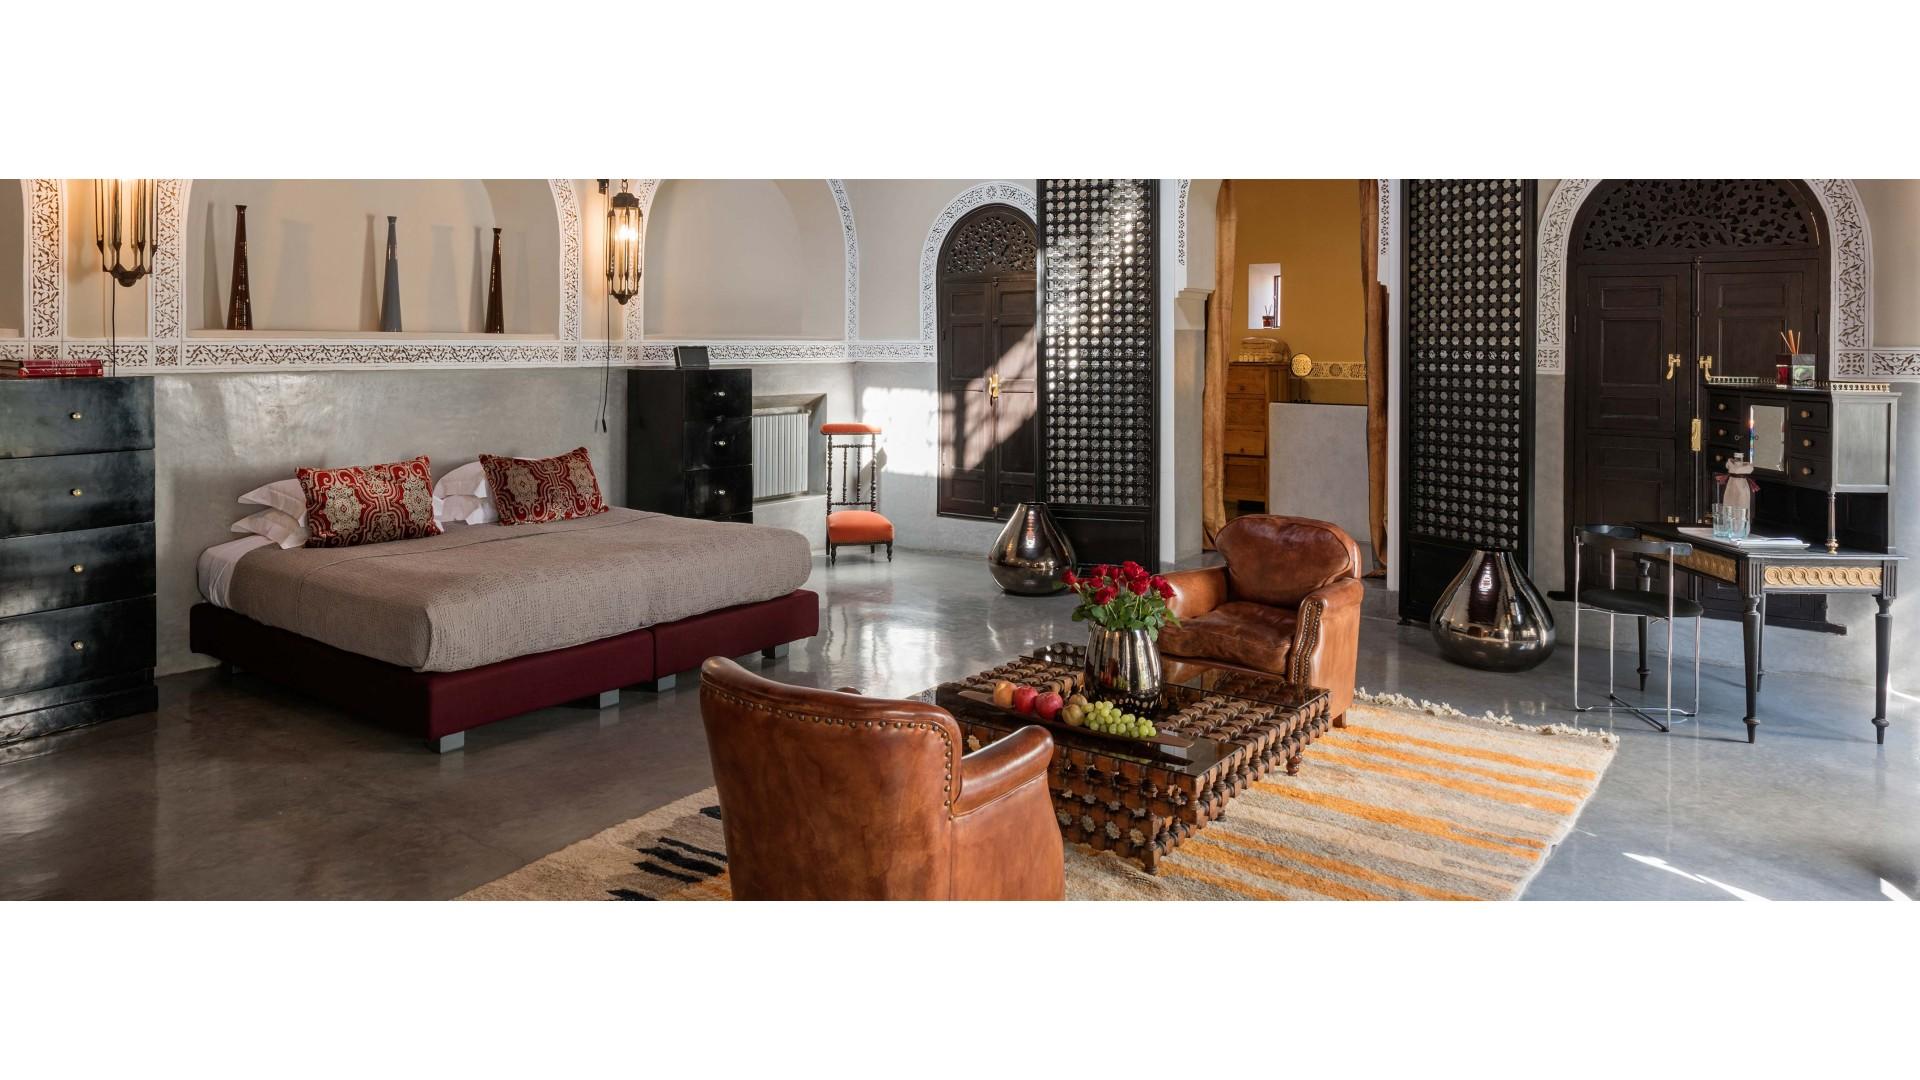 Riad 72 hotel - Medina, Marrakech - Smith Hotels